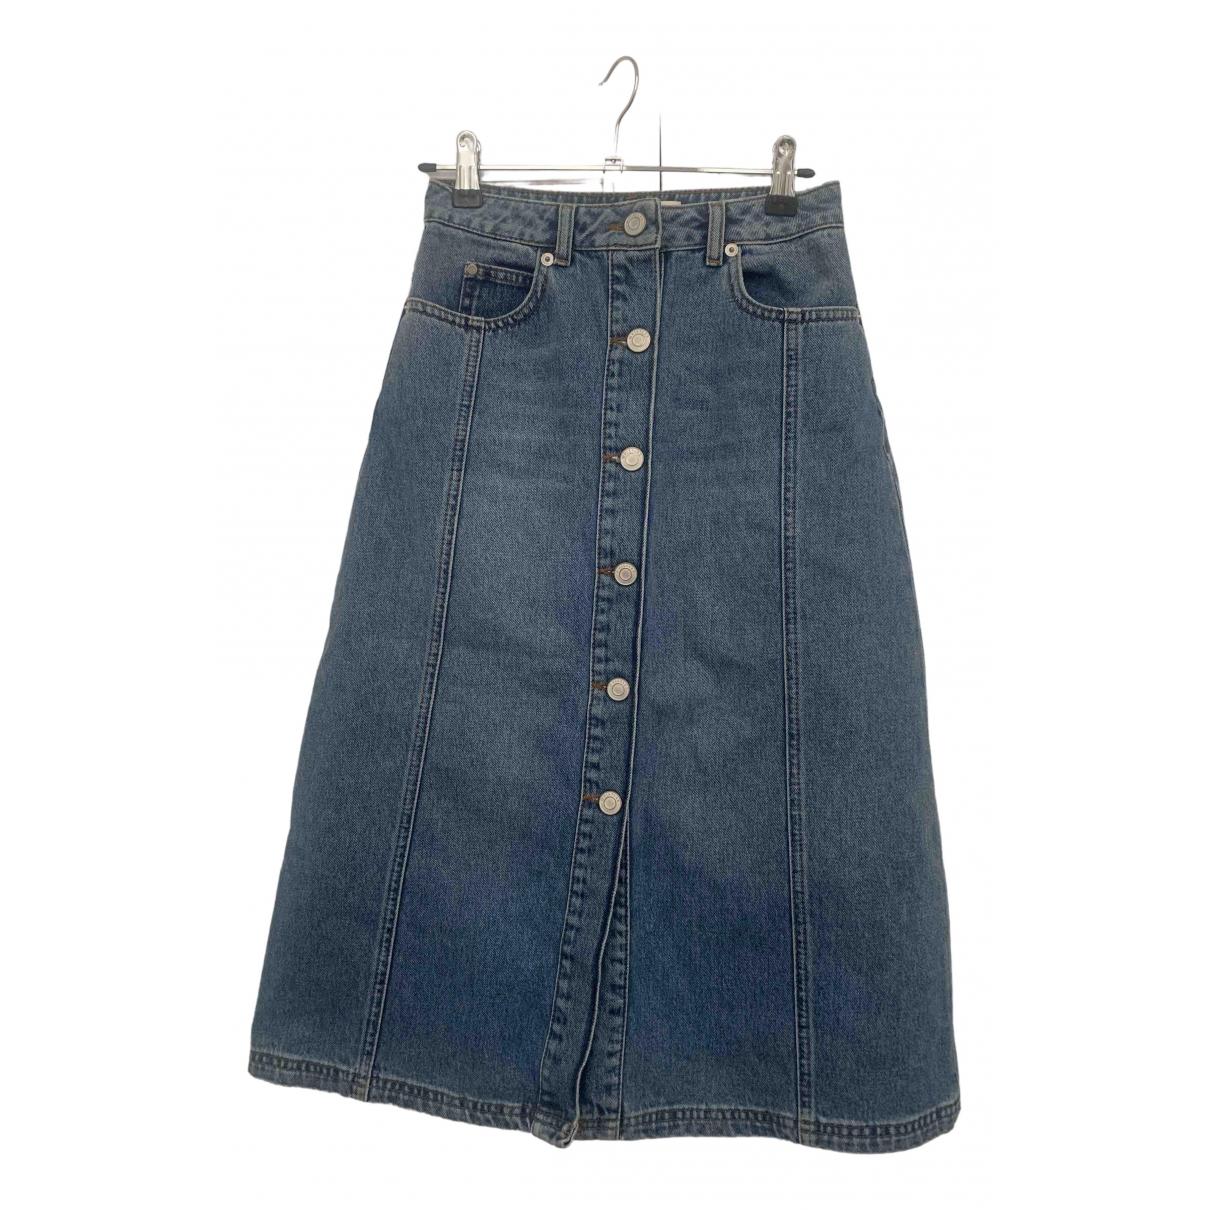 Whistles \N Blue Denim - Jeans skirt for Women 6 UK